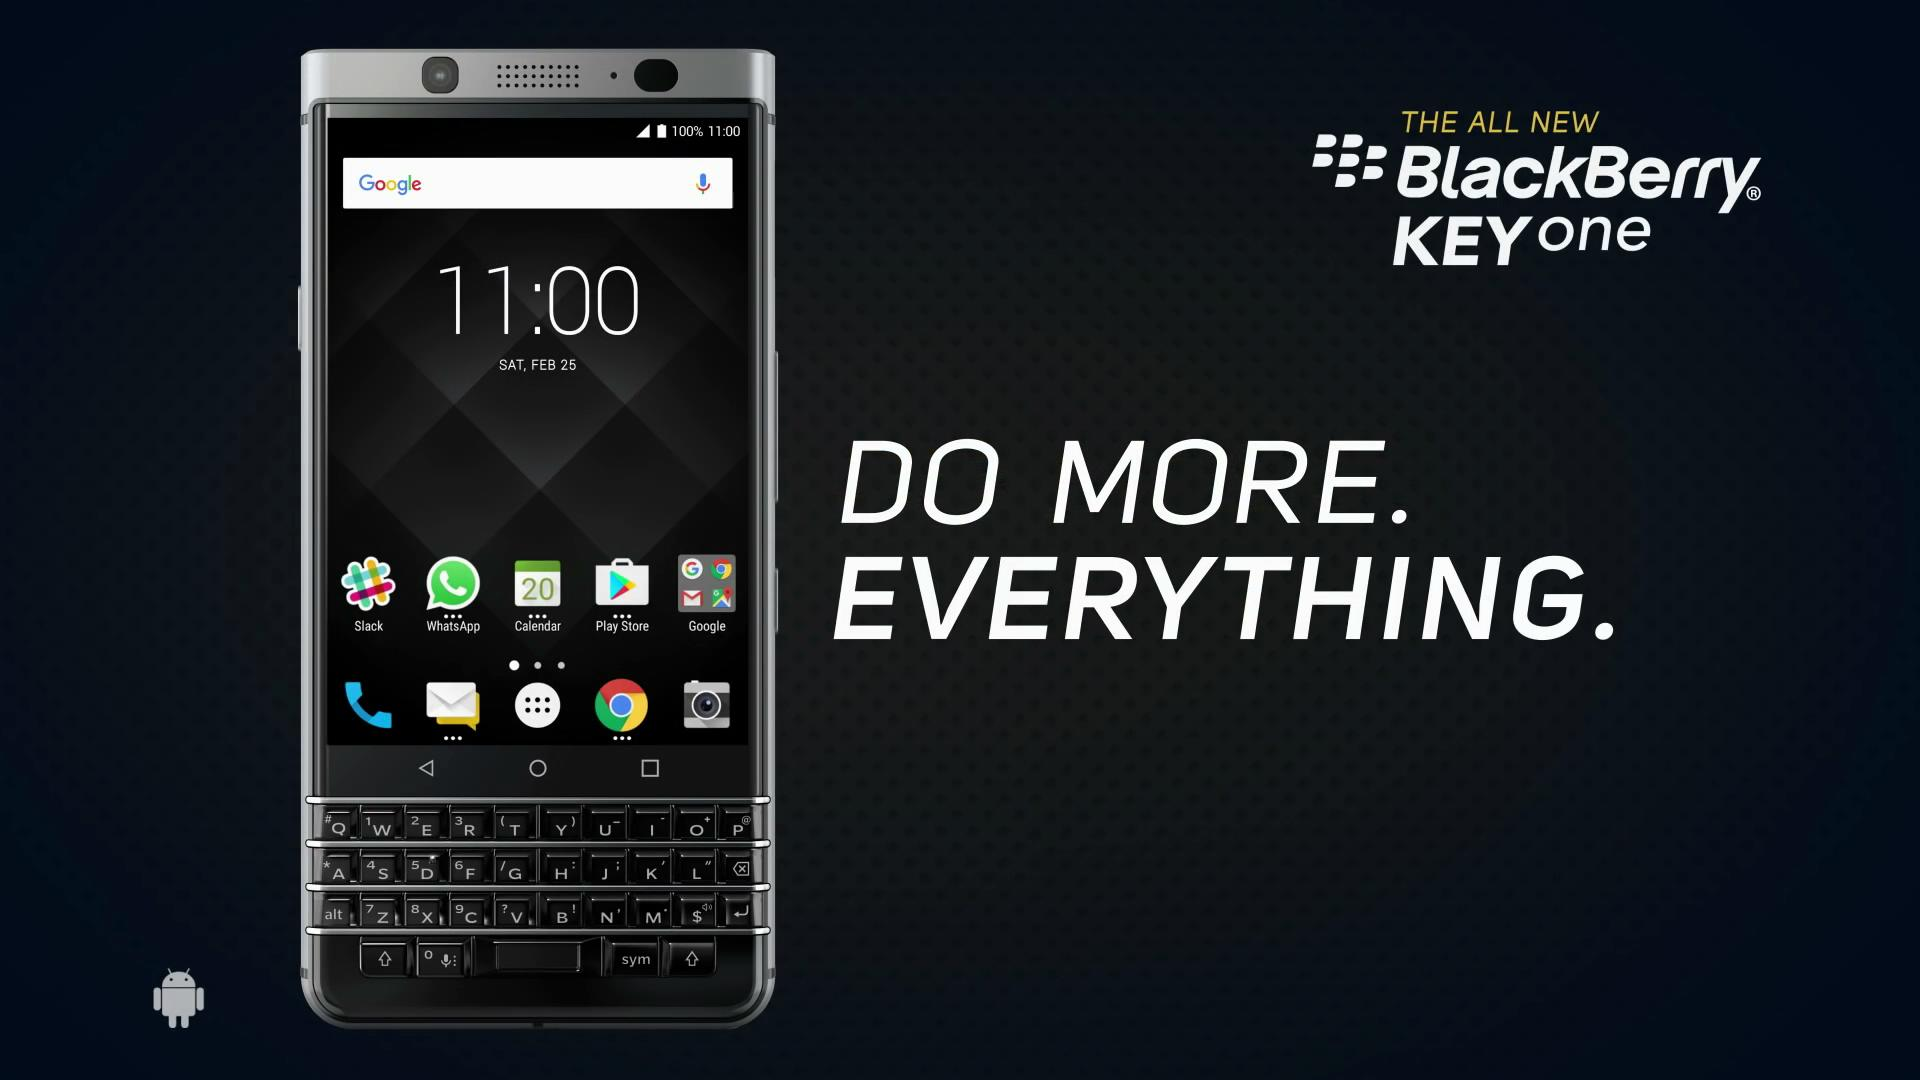 BlackBerry-KEYone 官方视频广告